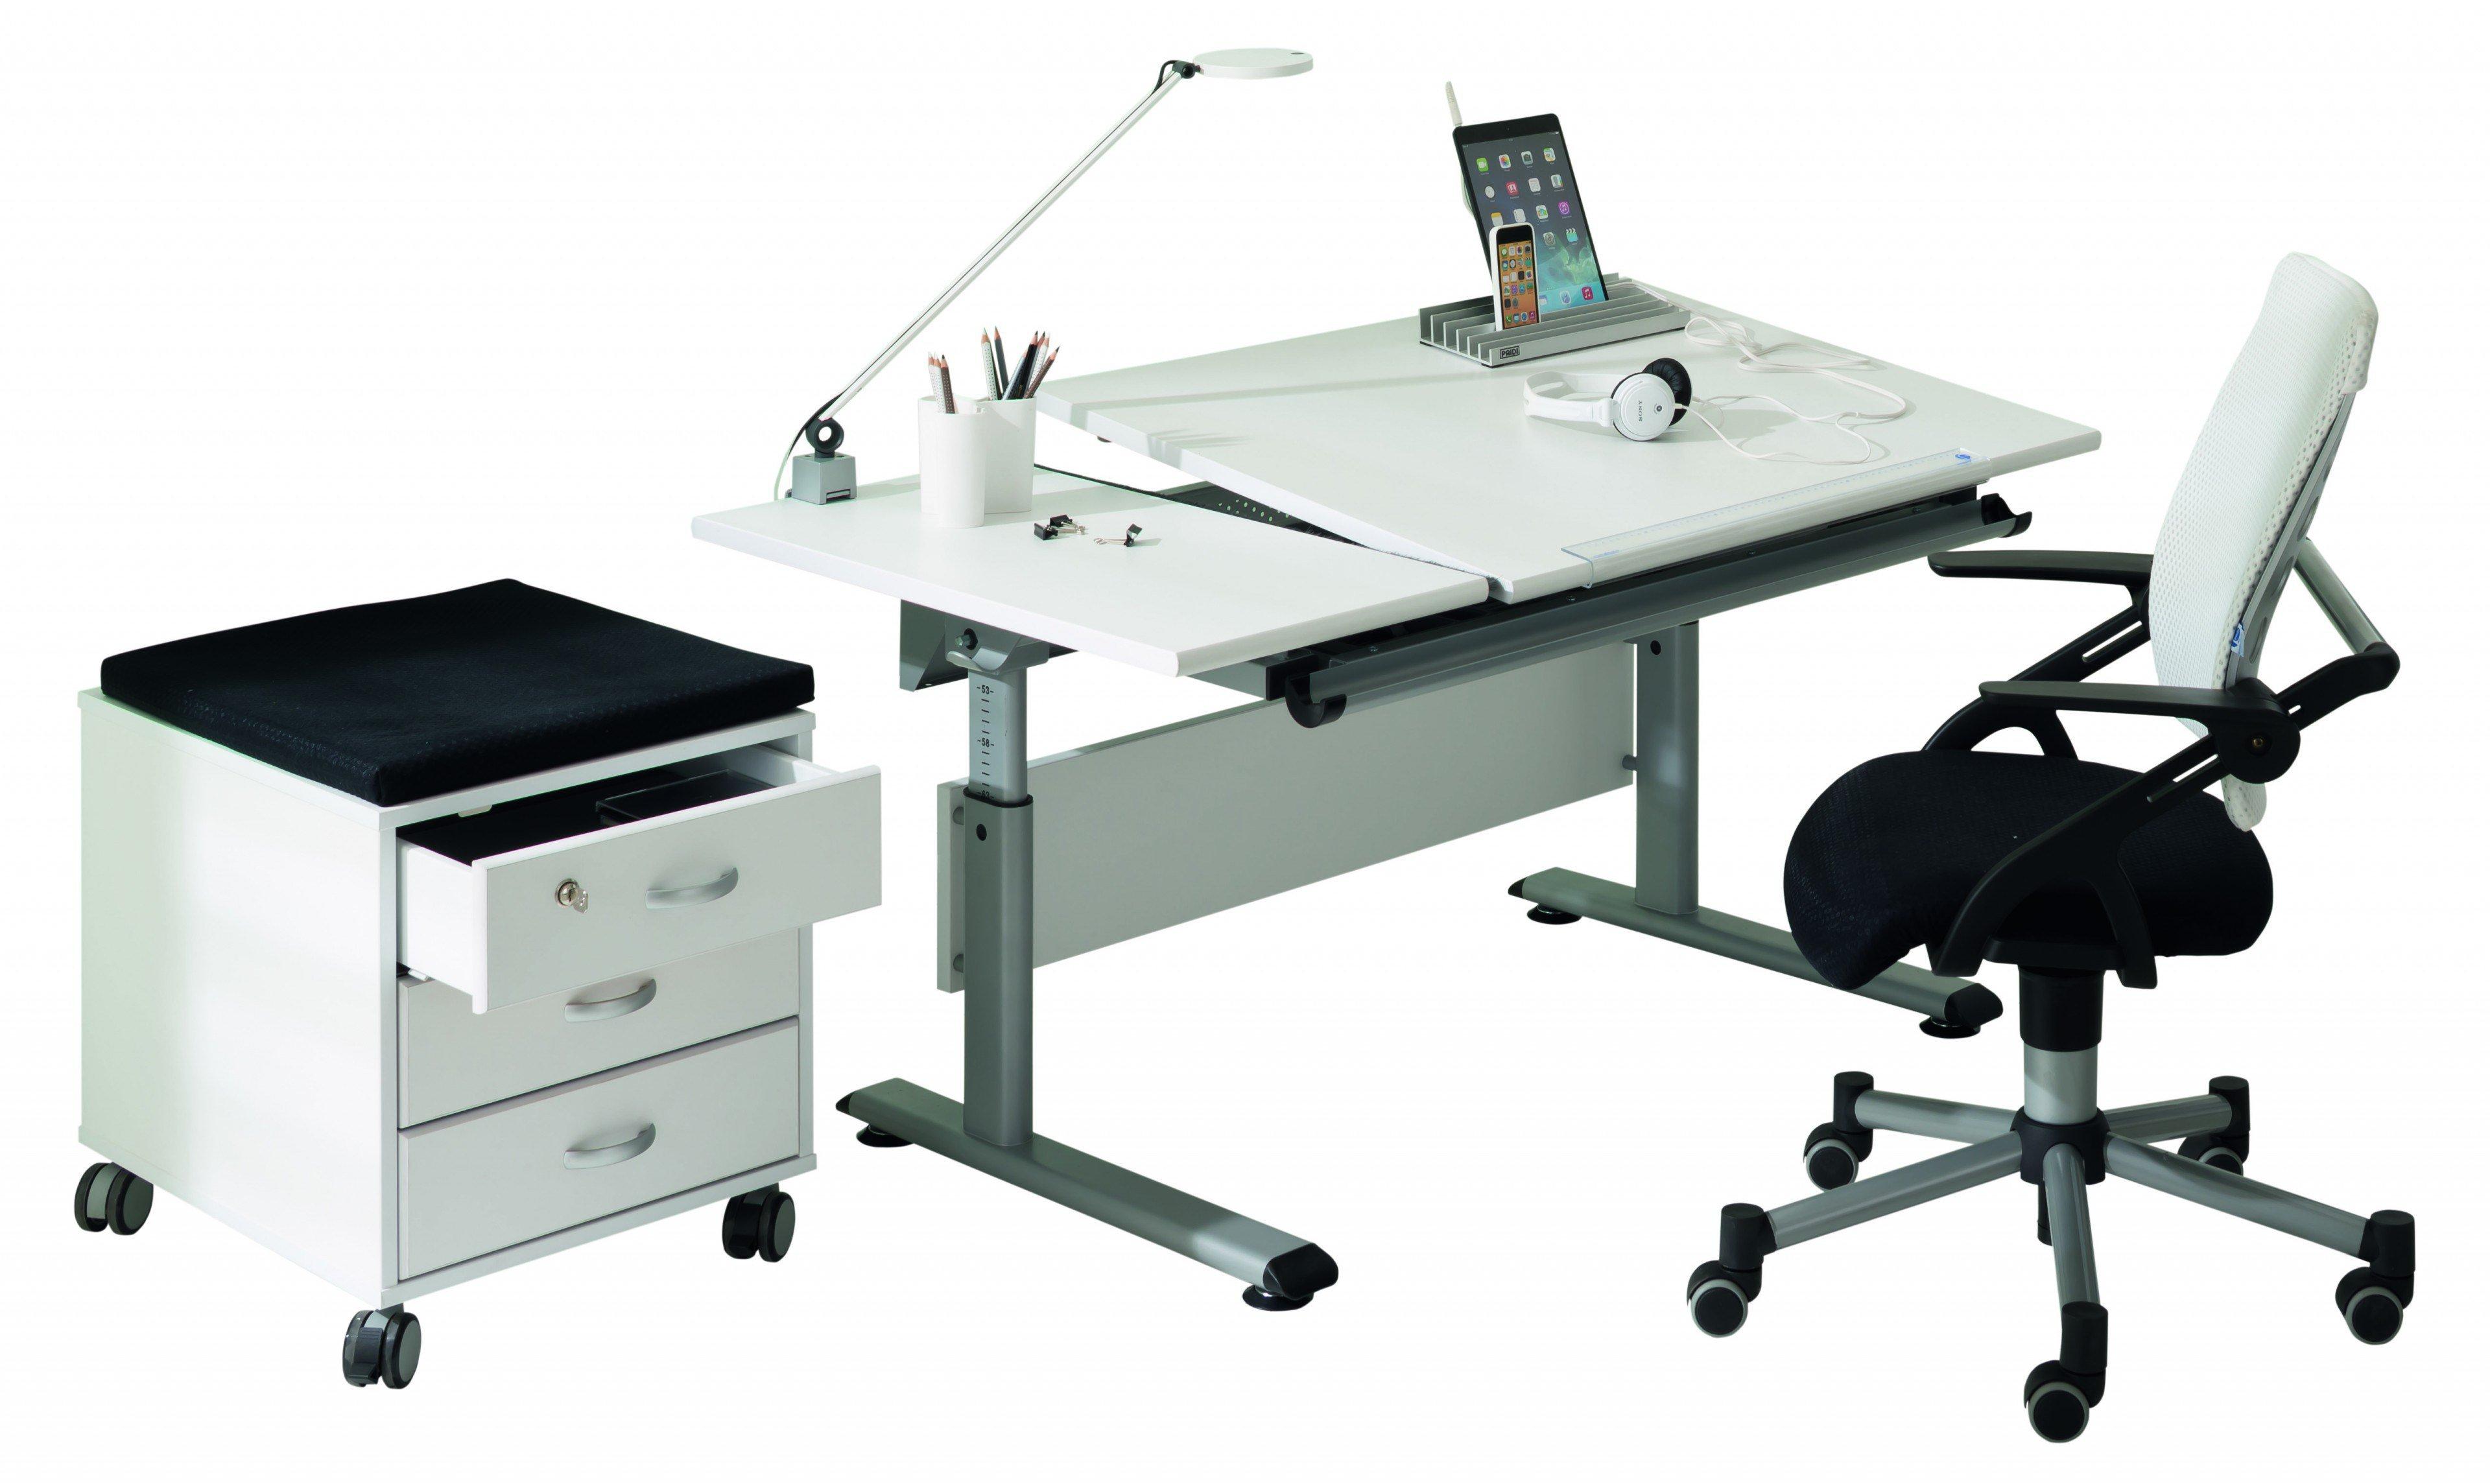 Faszinierend Schreibtisch Marco 2 Referenz Von Gt Von Paidi - Gt 130 Mit